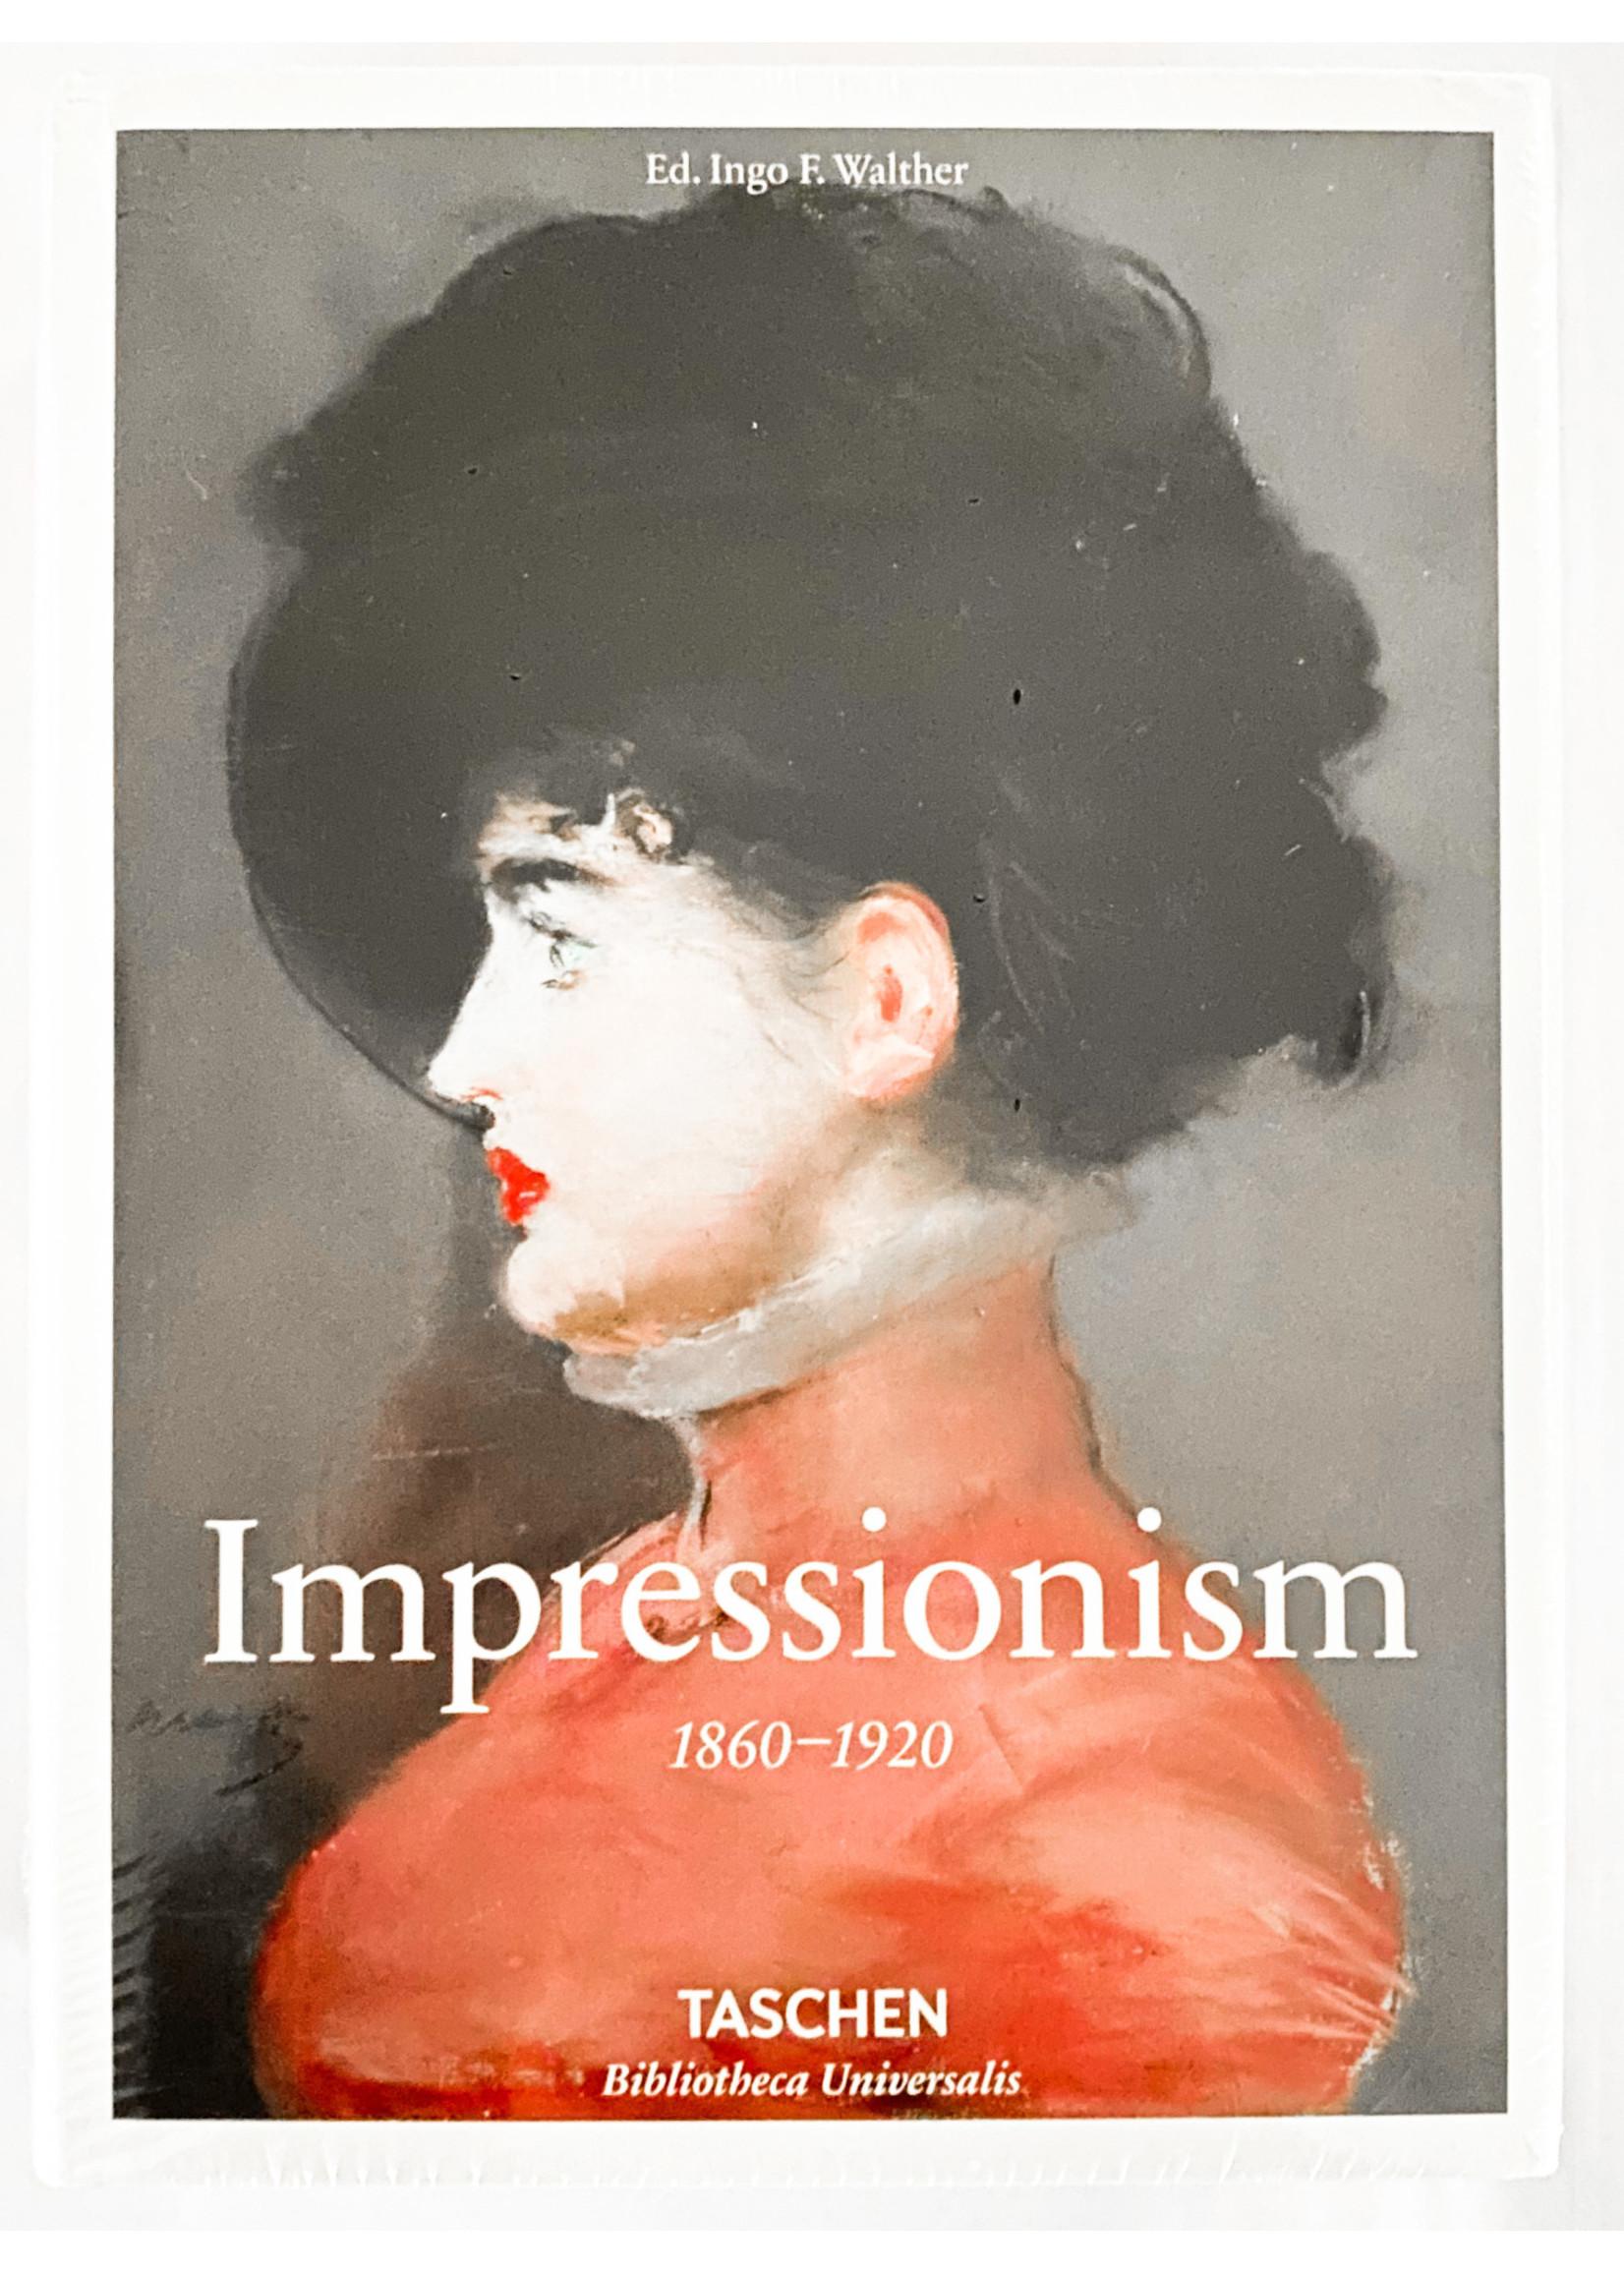 Book - Impressionism